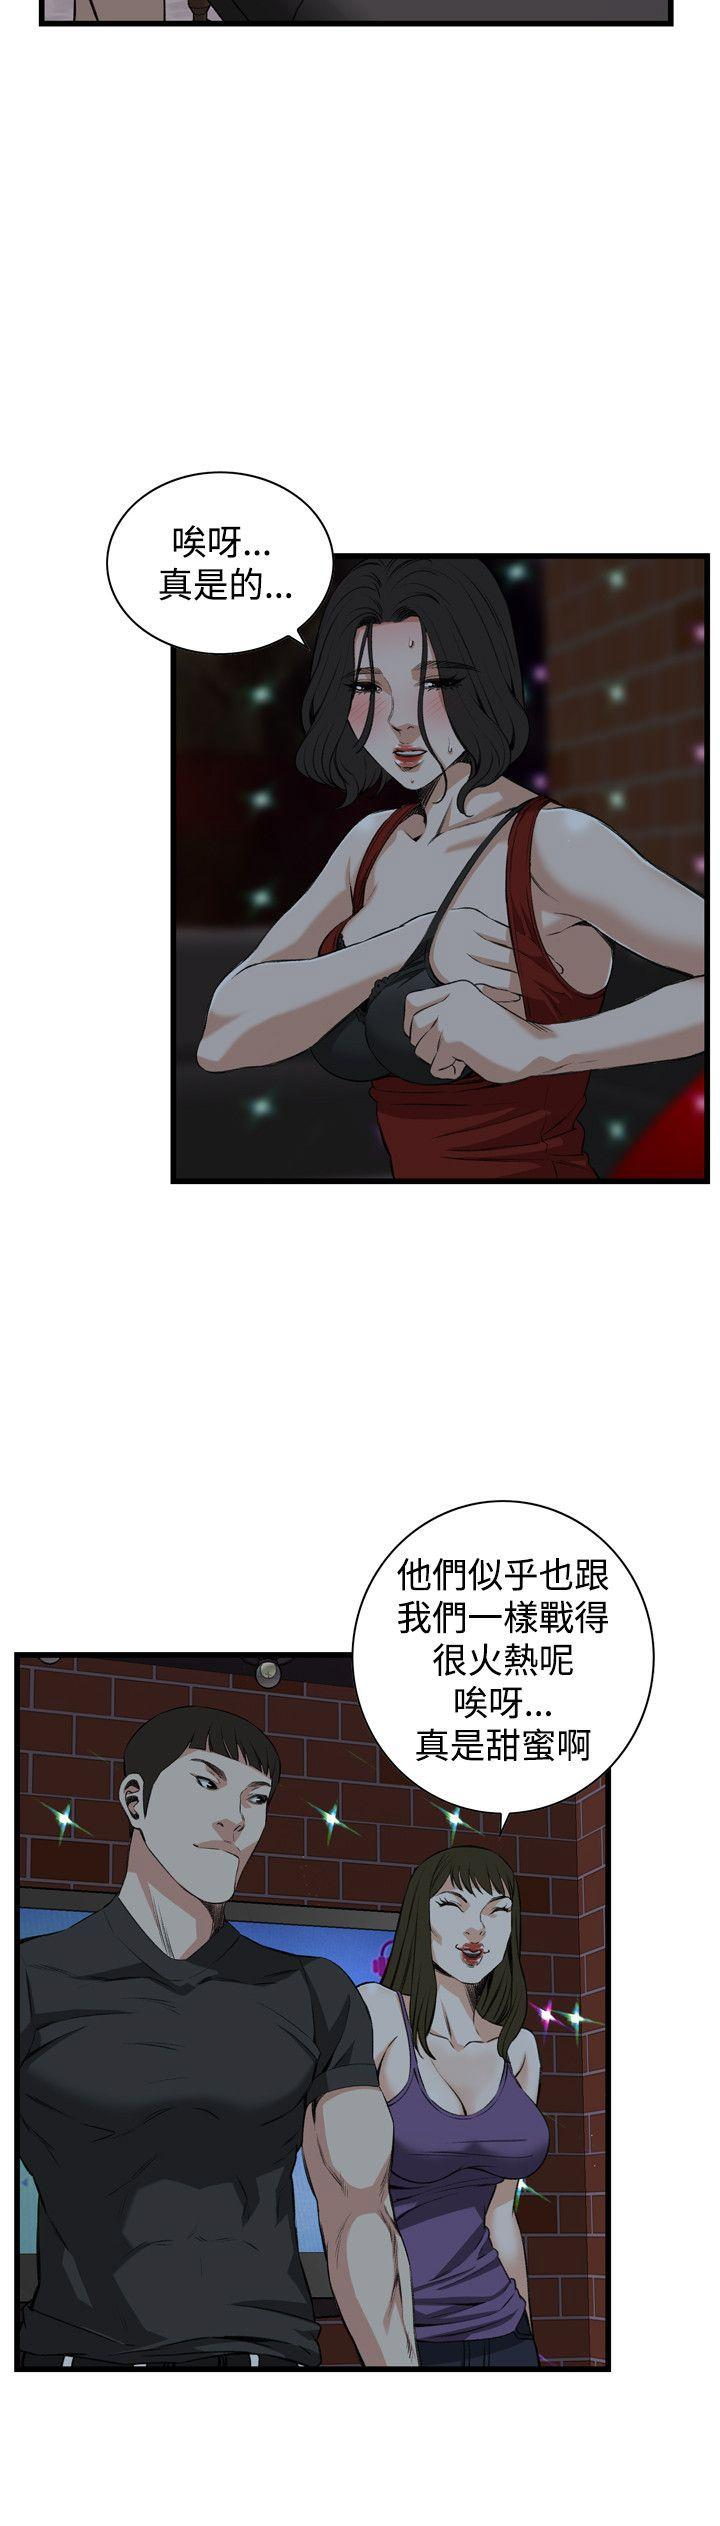 偷窥72-93 Chinese Rsiky 67